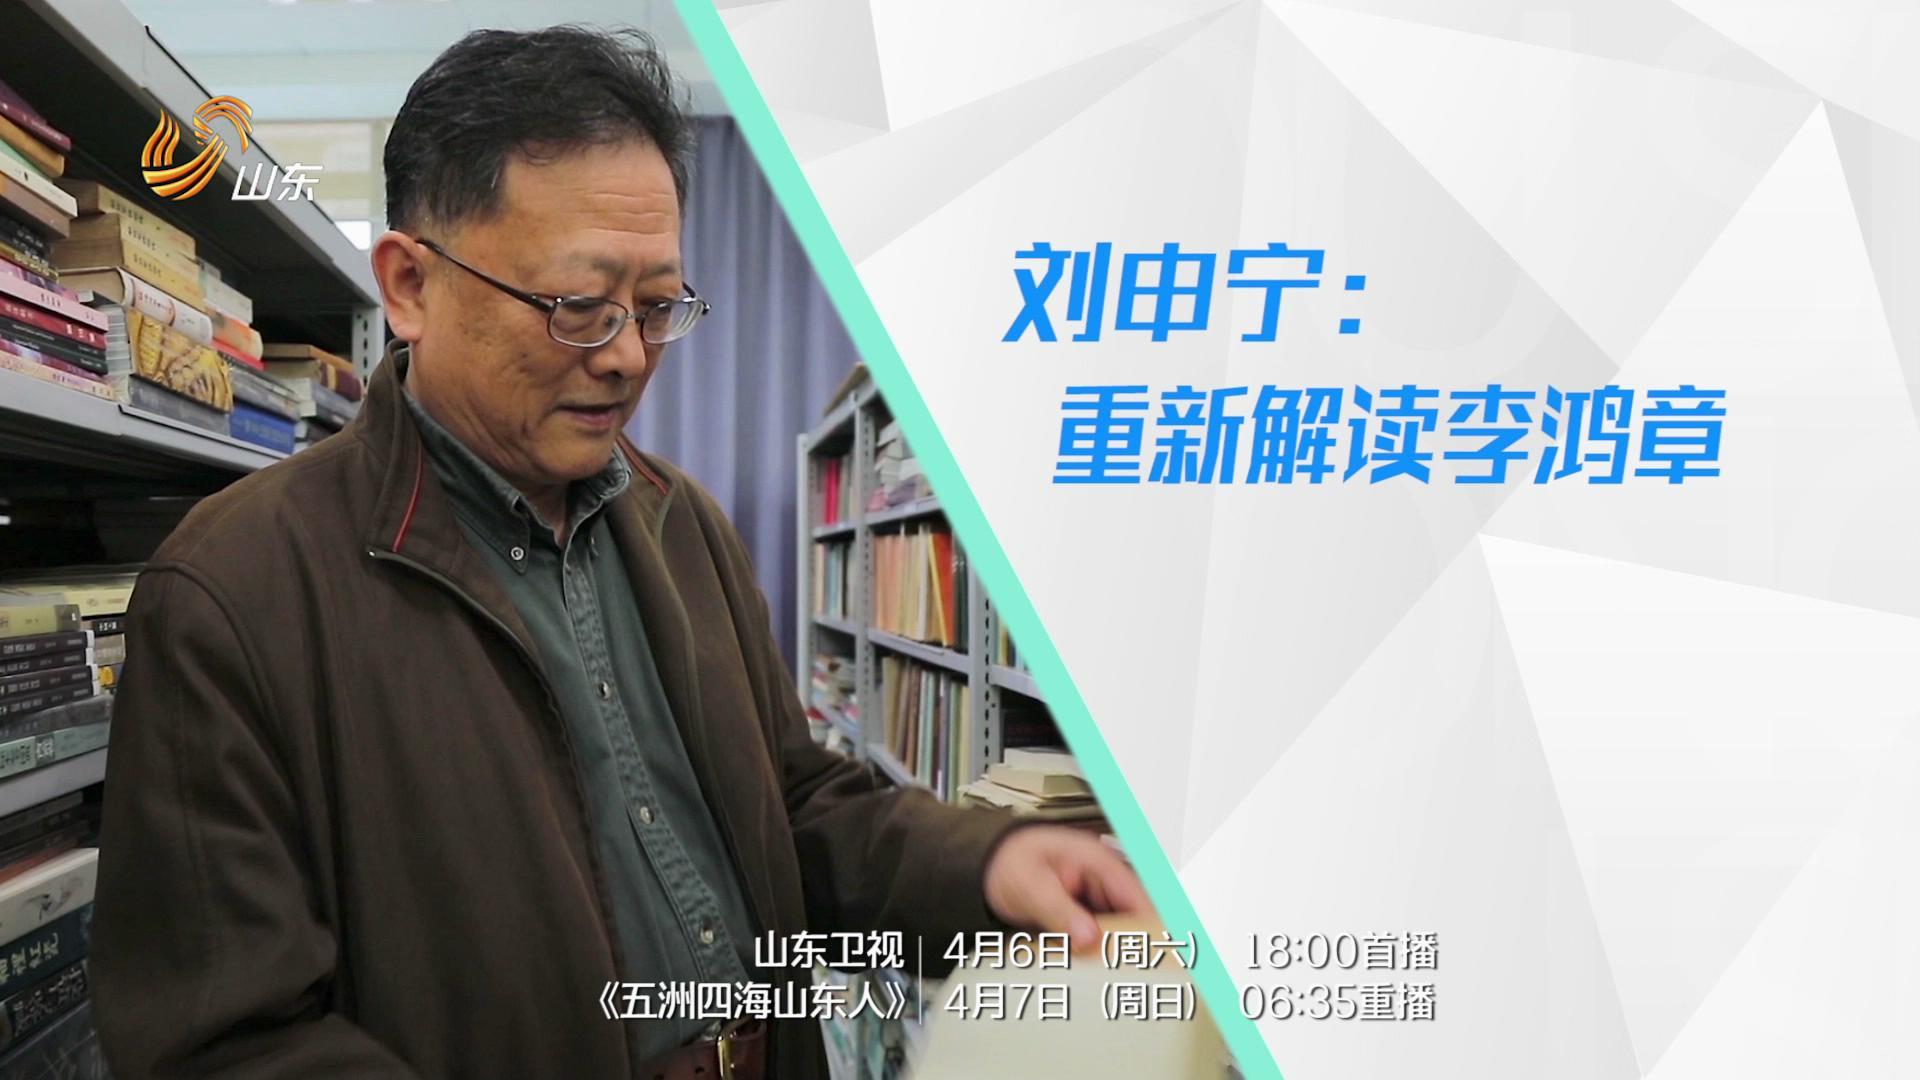 刘申宁:重新解读李鸿章